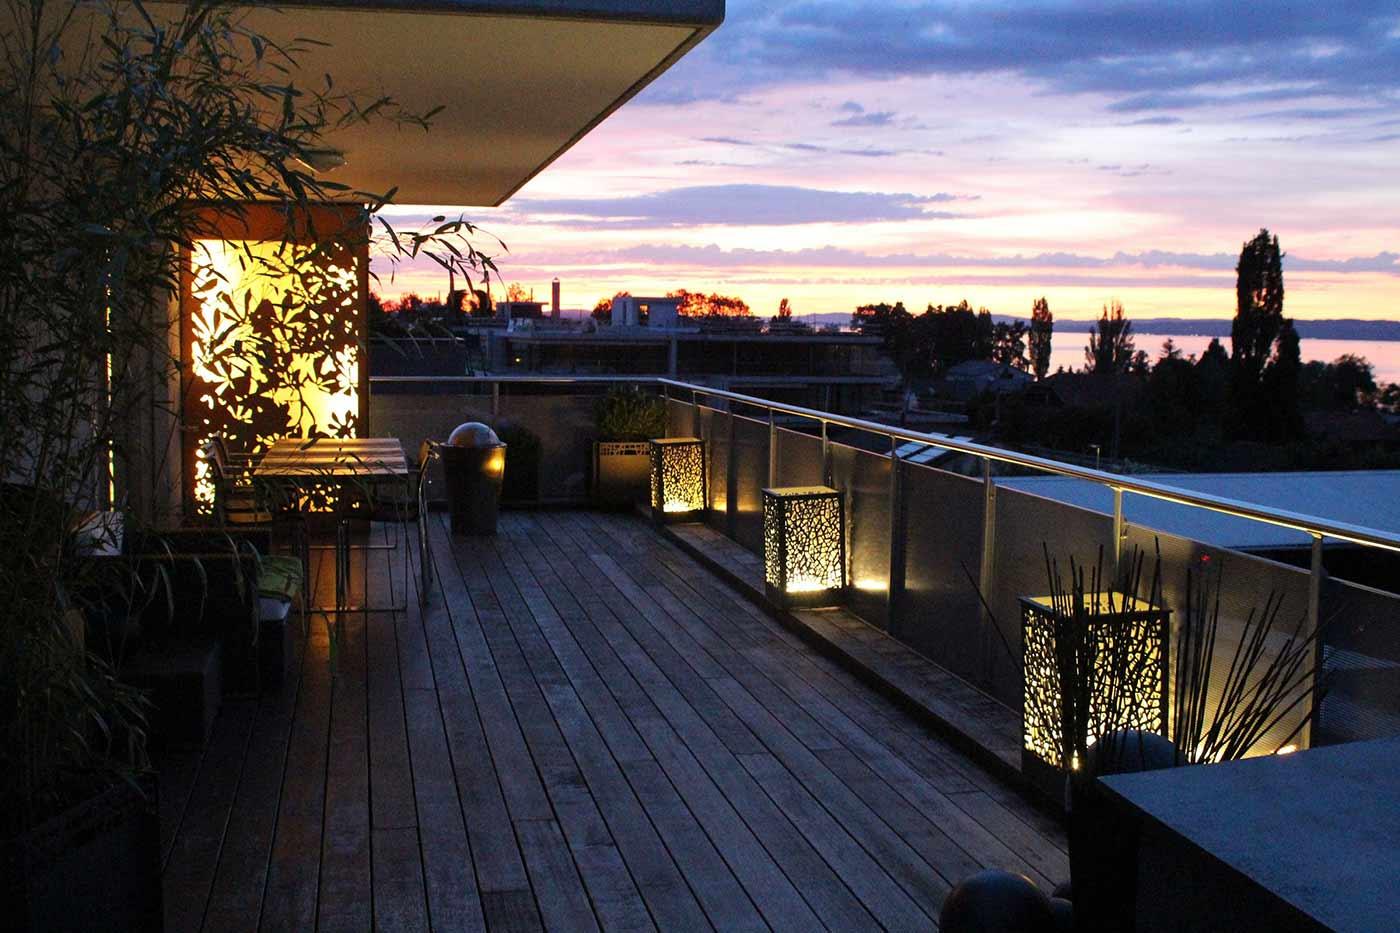 Terrassenartikel-72.jpg